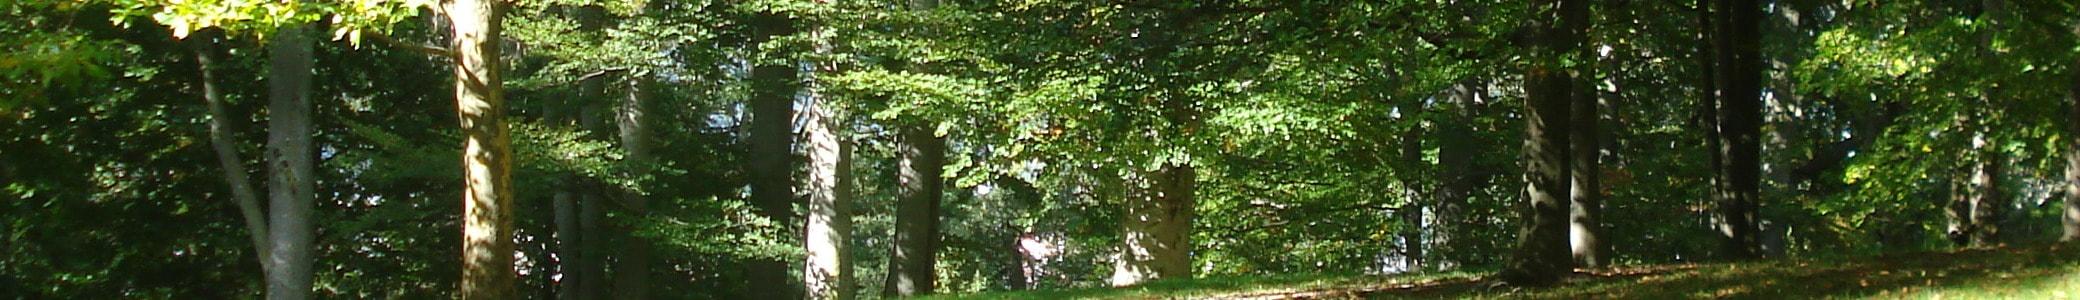 Obst- und Gartenbauverein Straubing e.V.